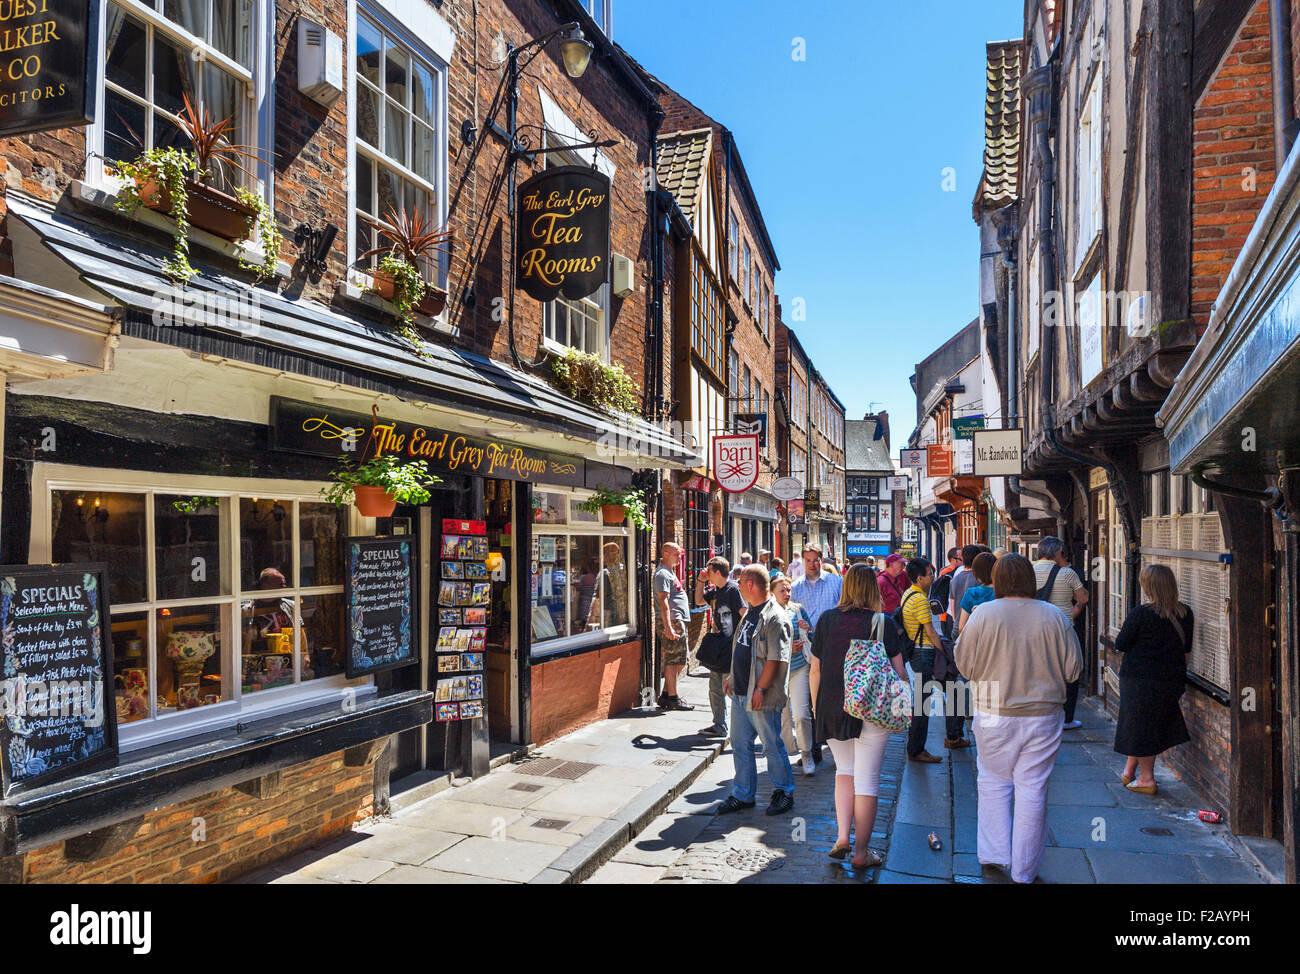 York, pagaille. Des pubs, des boutiques et des cafés historiques sur le capharnaüm, York, England, UK Photo Stock